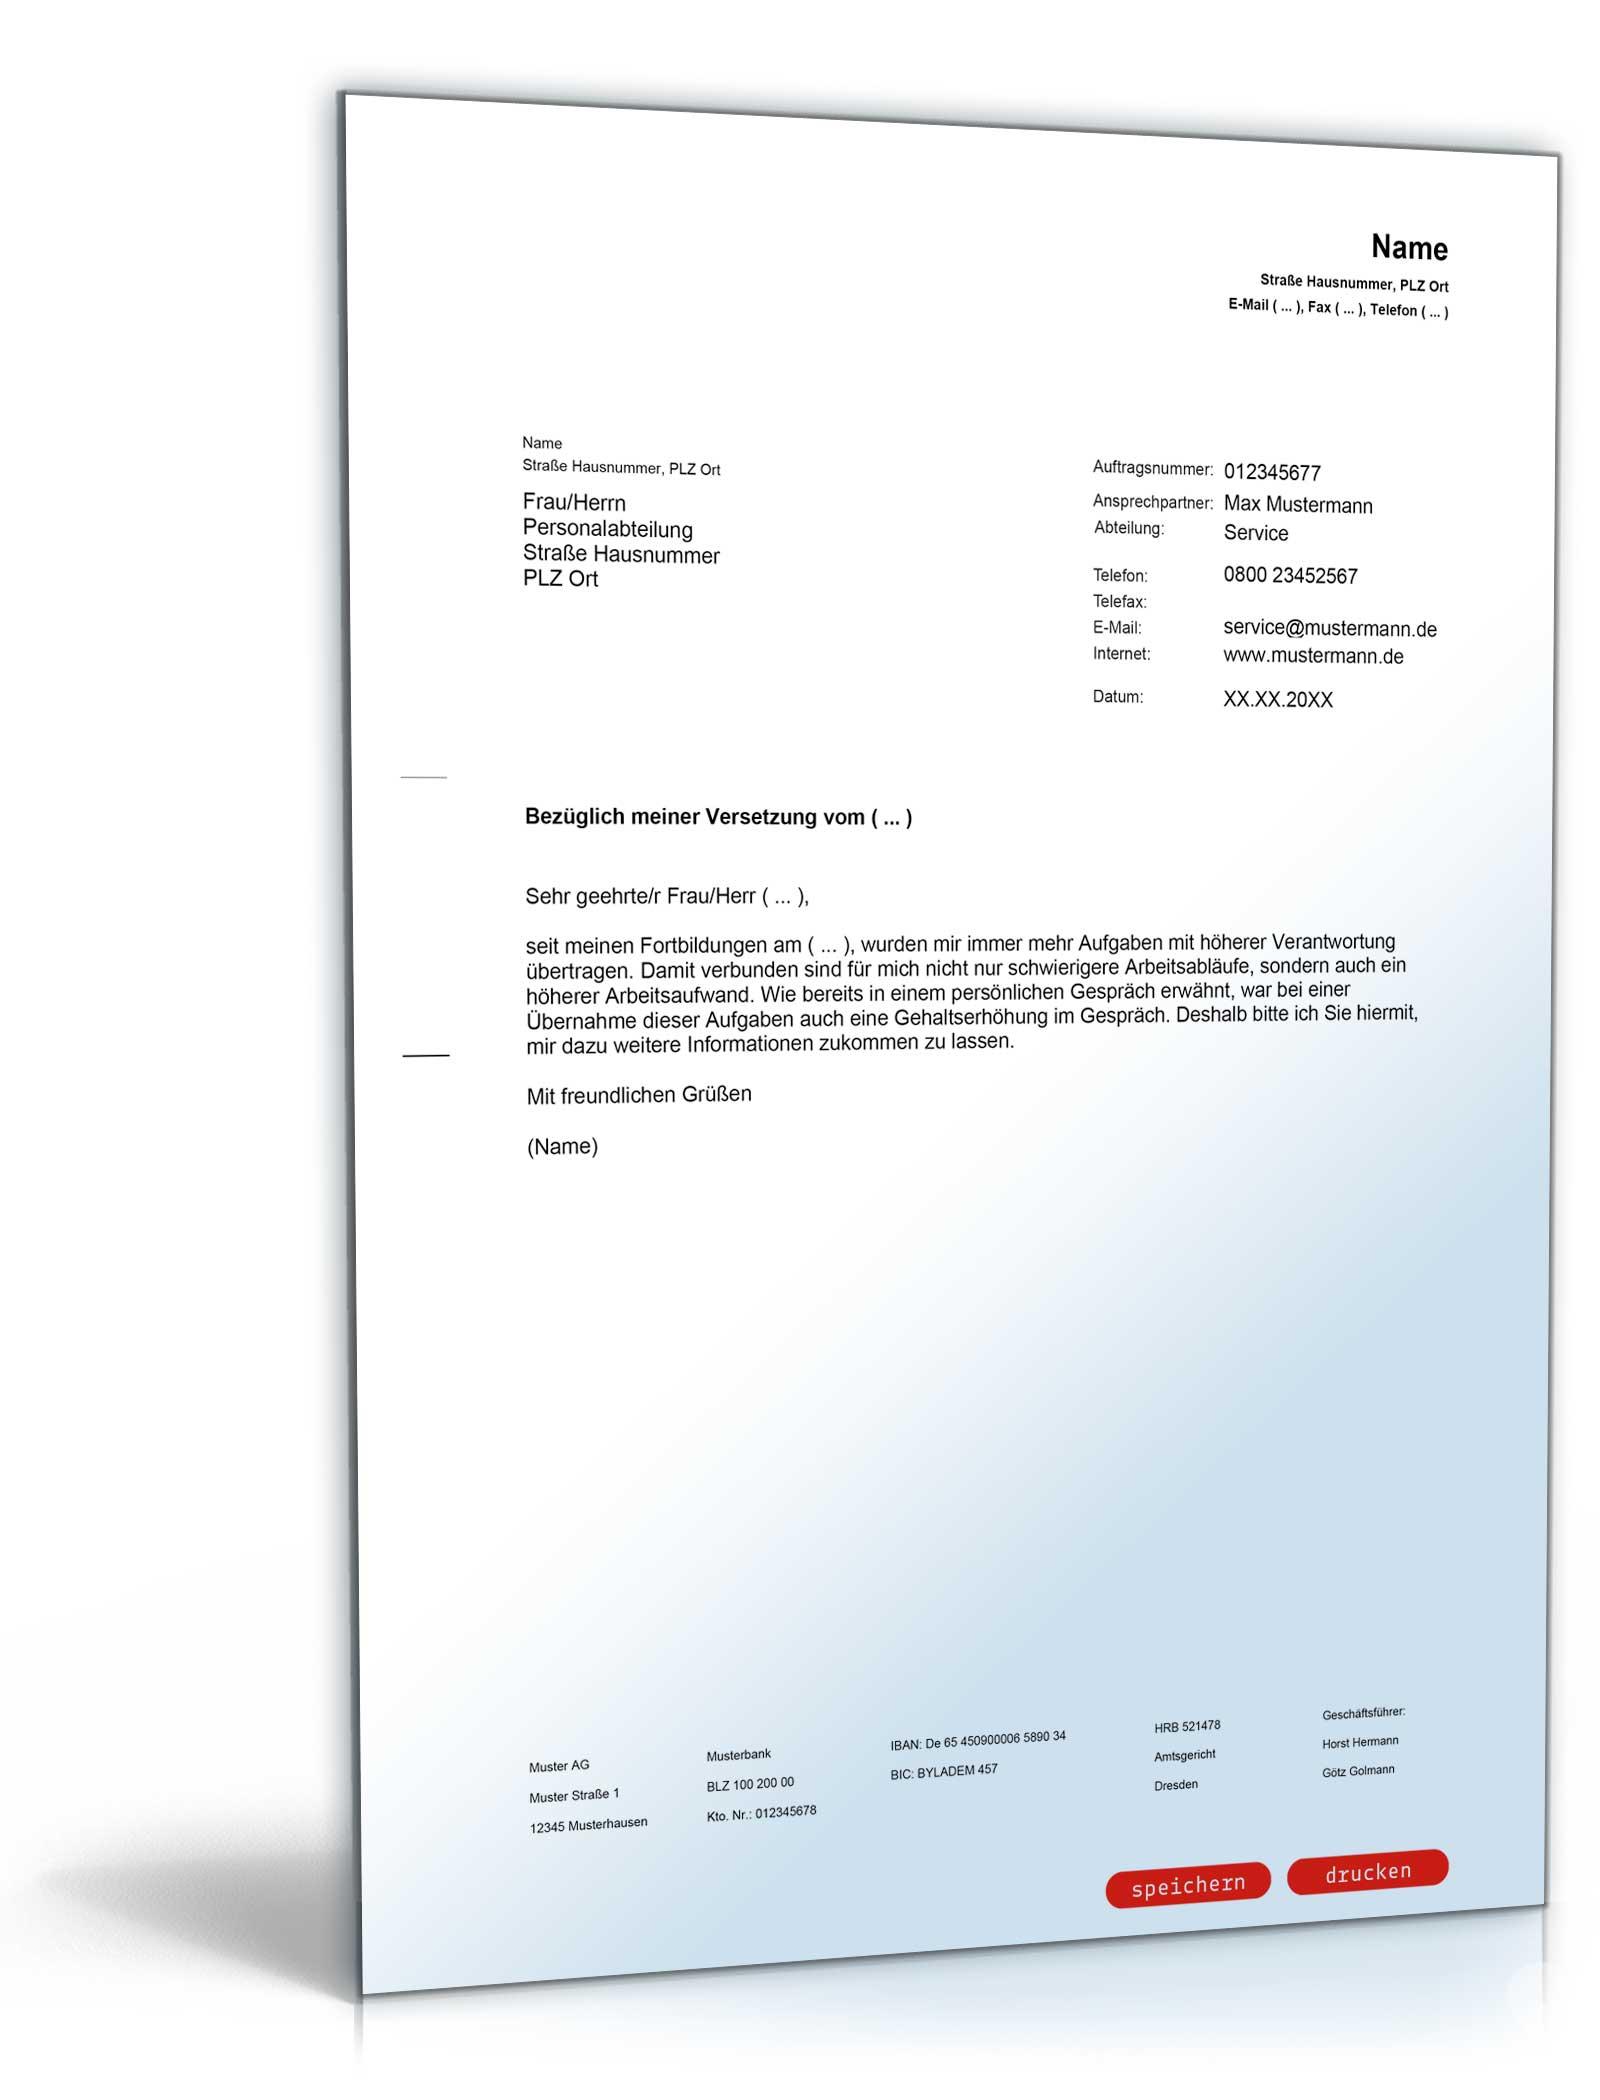 Anschreiben Mit Der Bitte Um Gehaltserhhung PDF Download